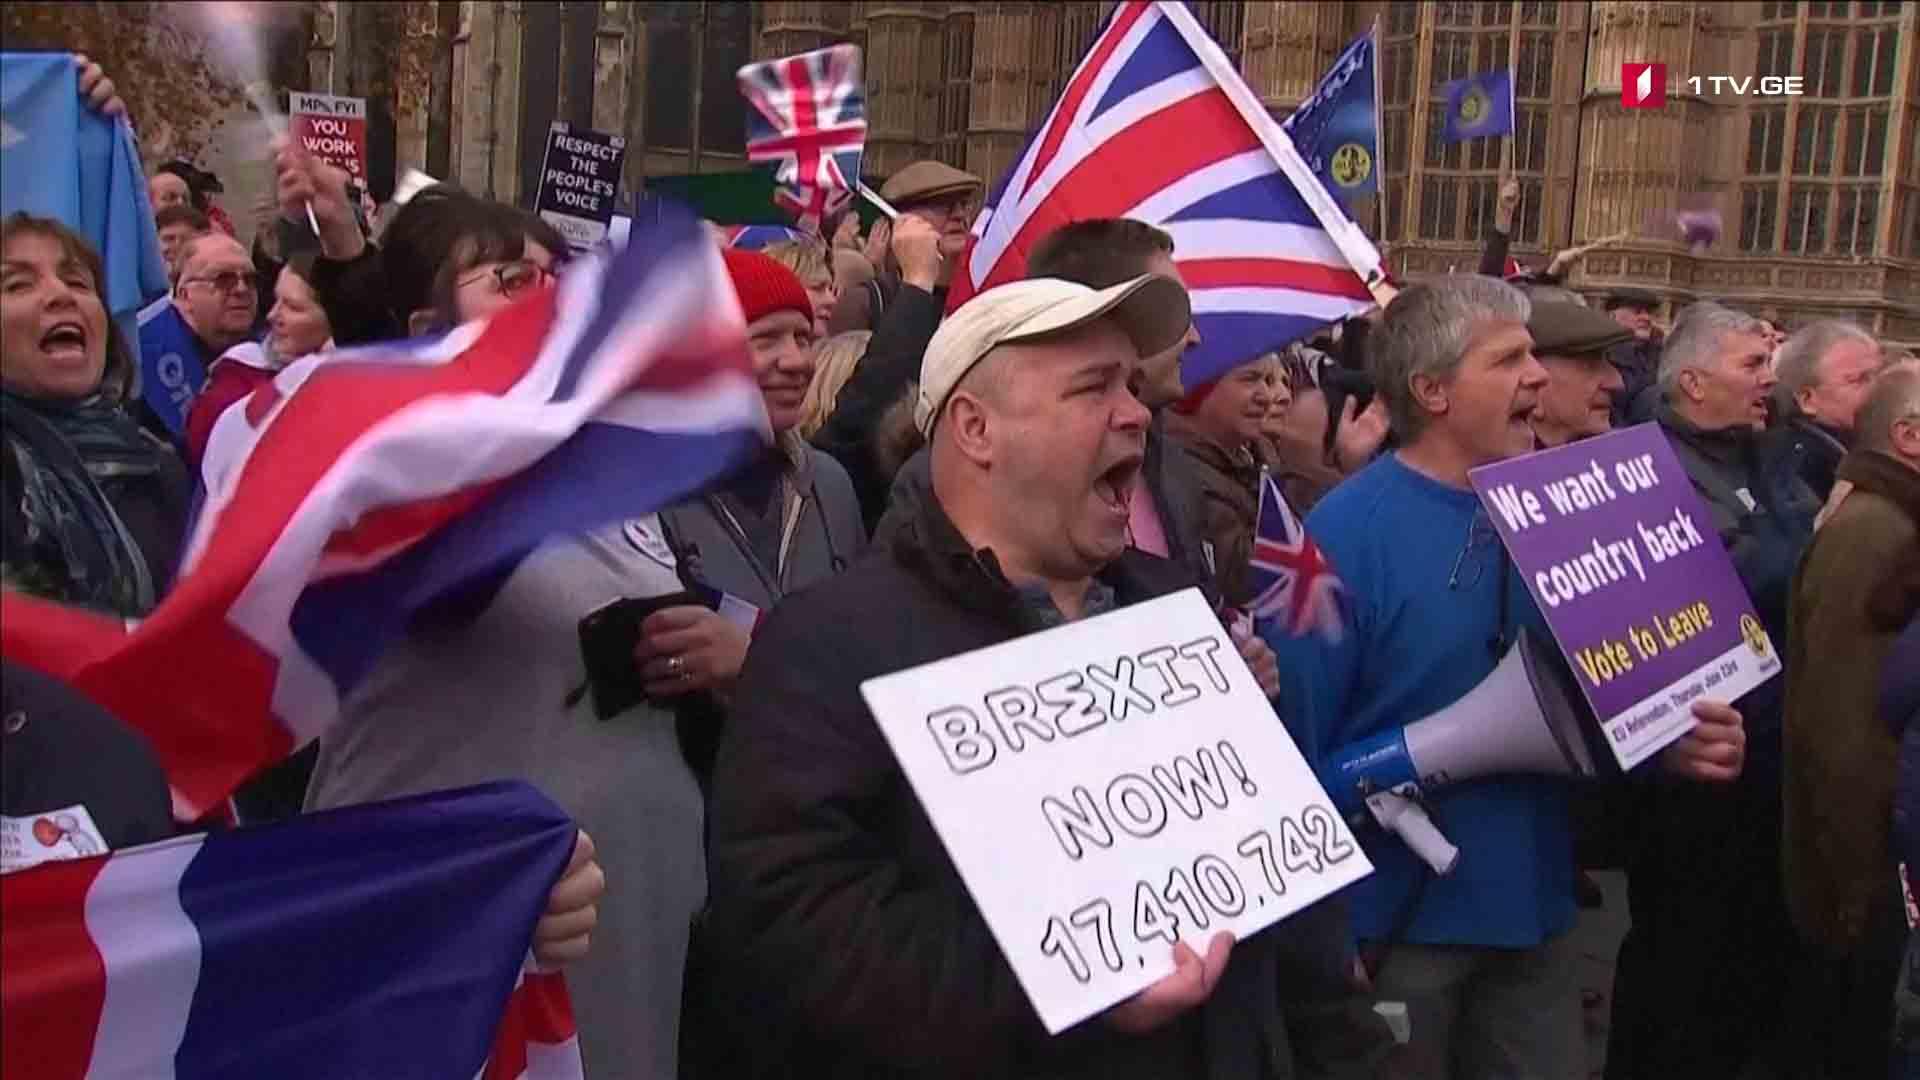 ბრექსიტი და საქართველო